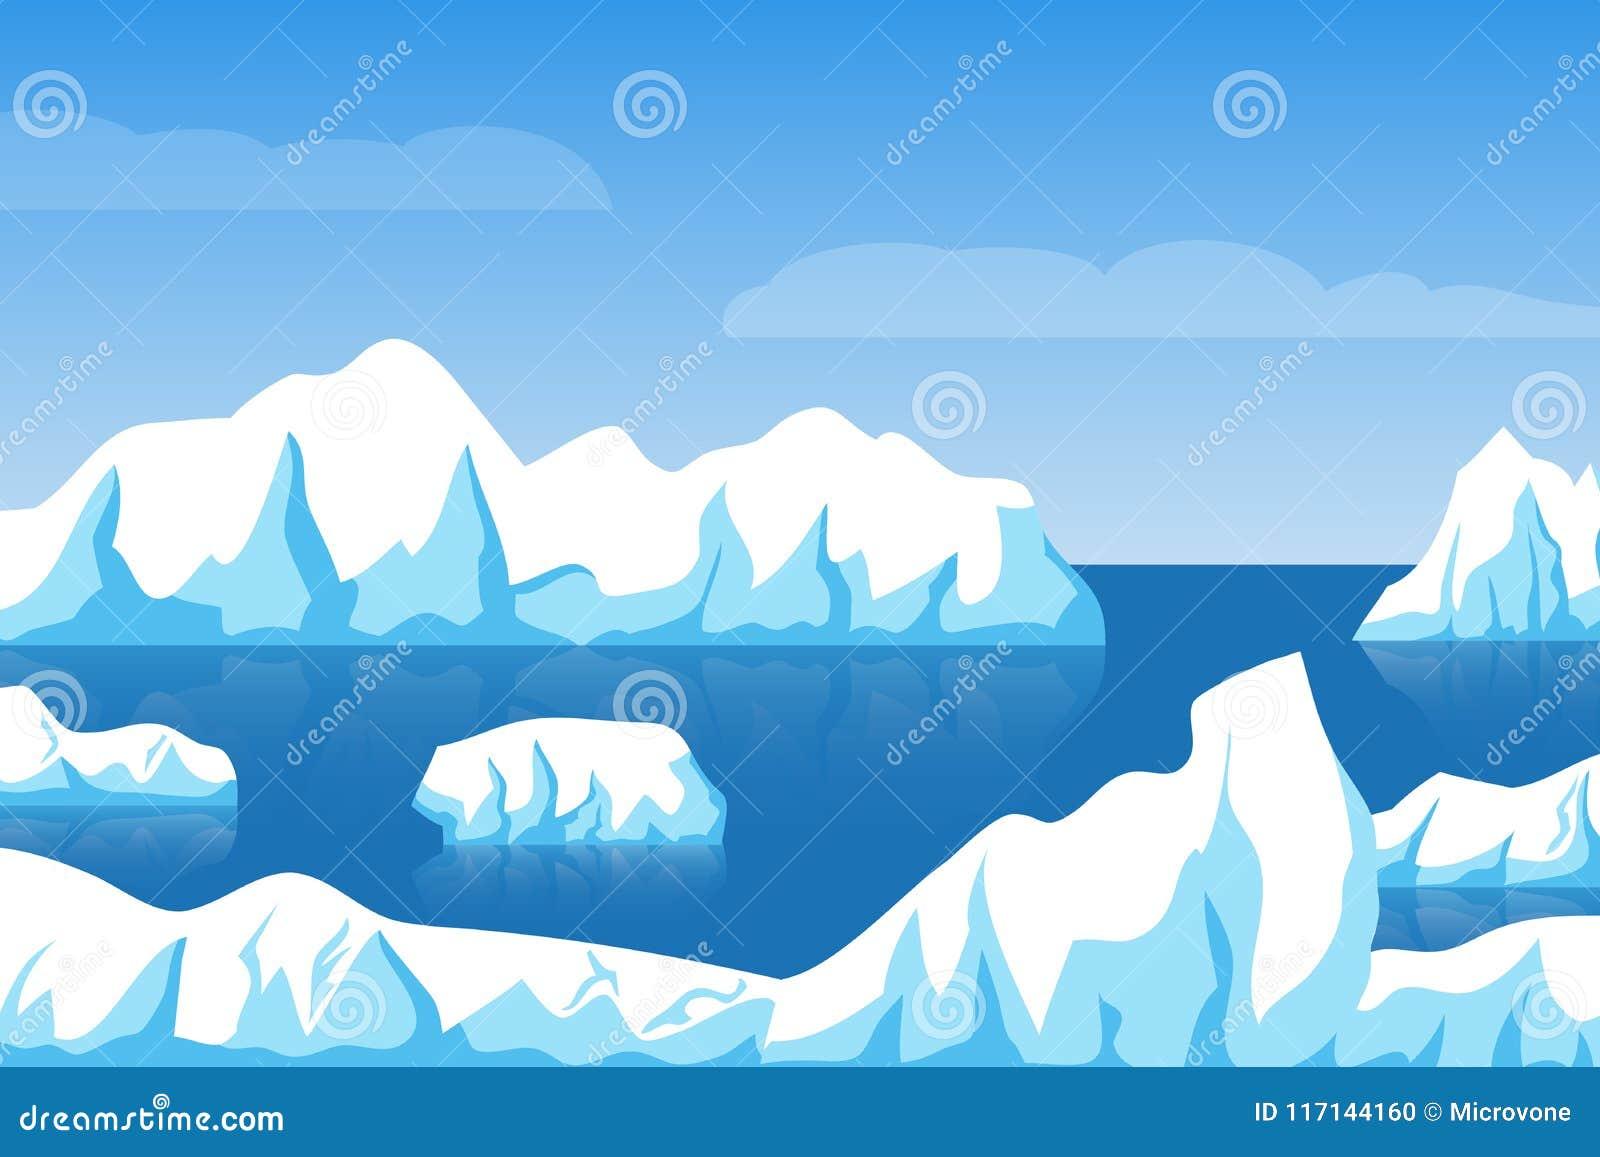 Paisagem ártica do inverno dos desenhos animados ou antártica polar do gelo com o iceberg na ilustração do vetor do mar